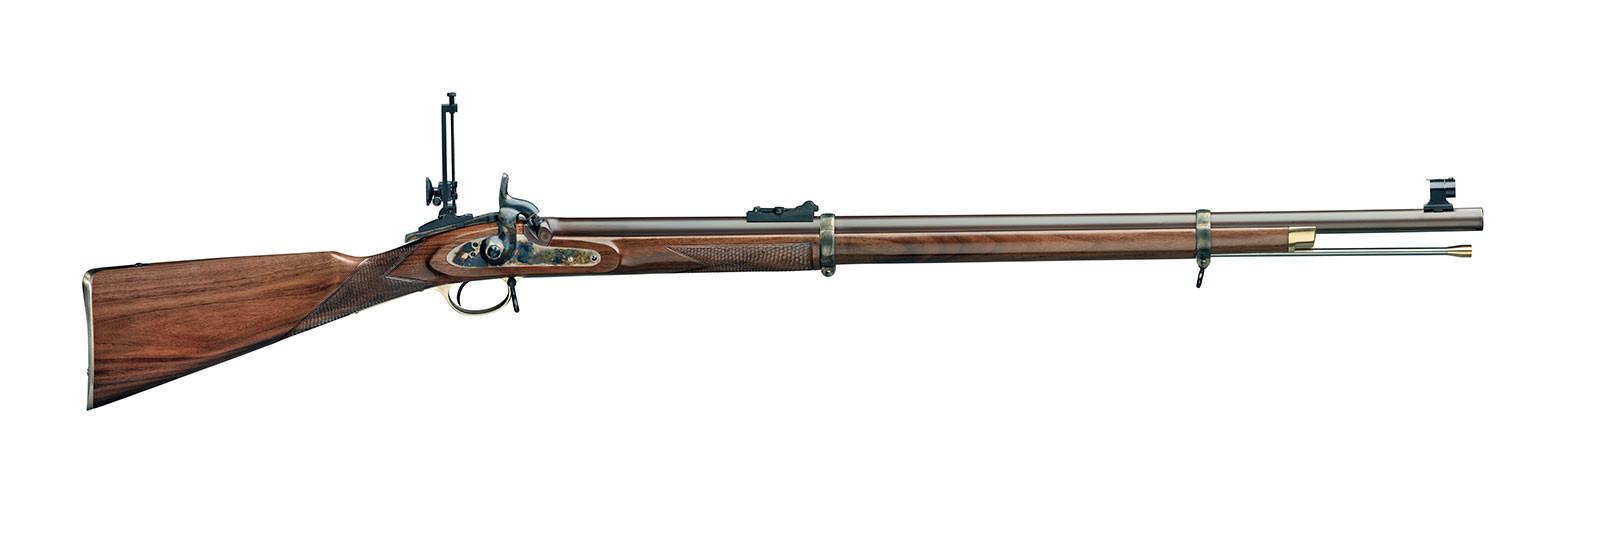 Fucile Volunteer Target Rifle